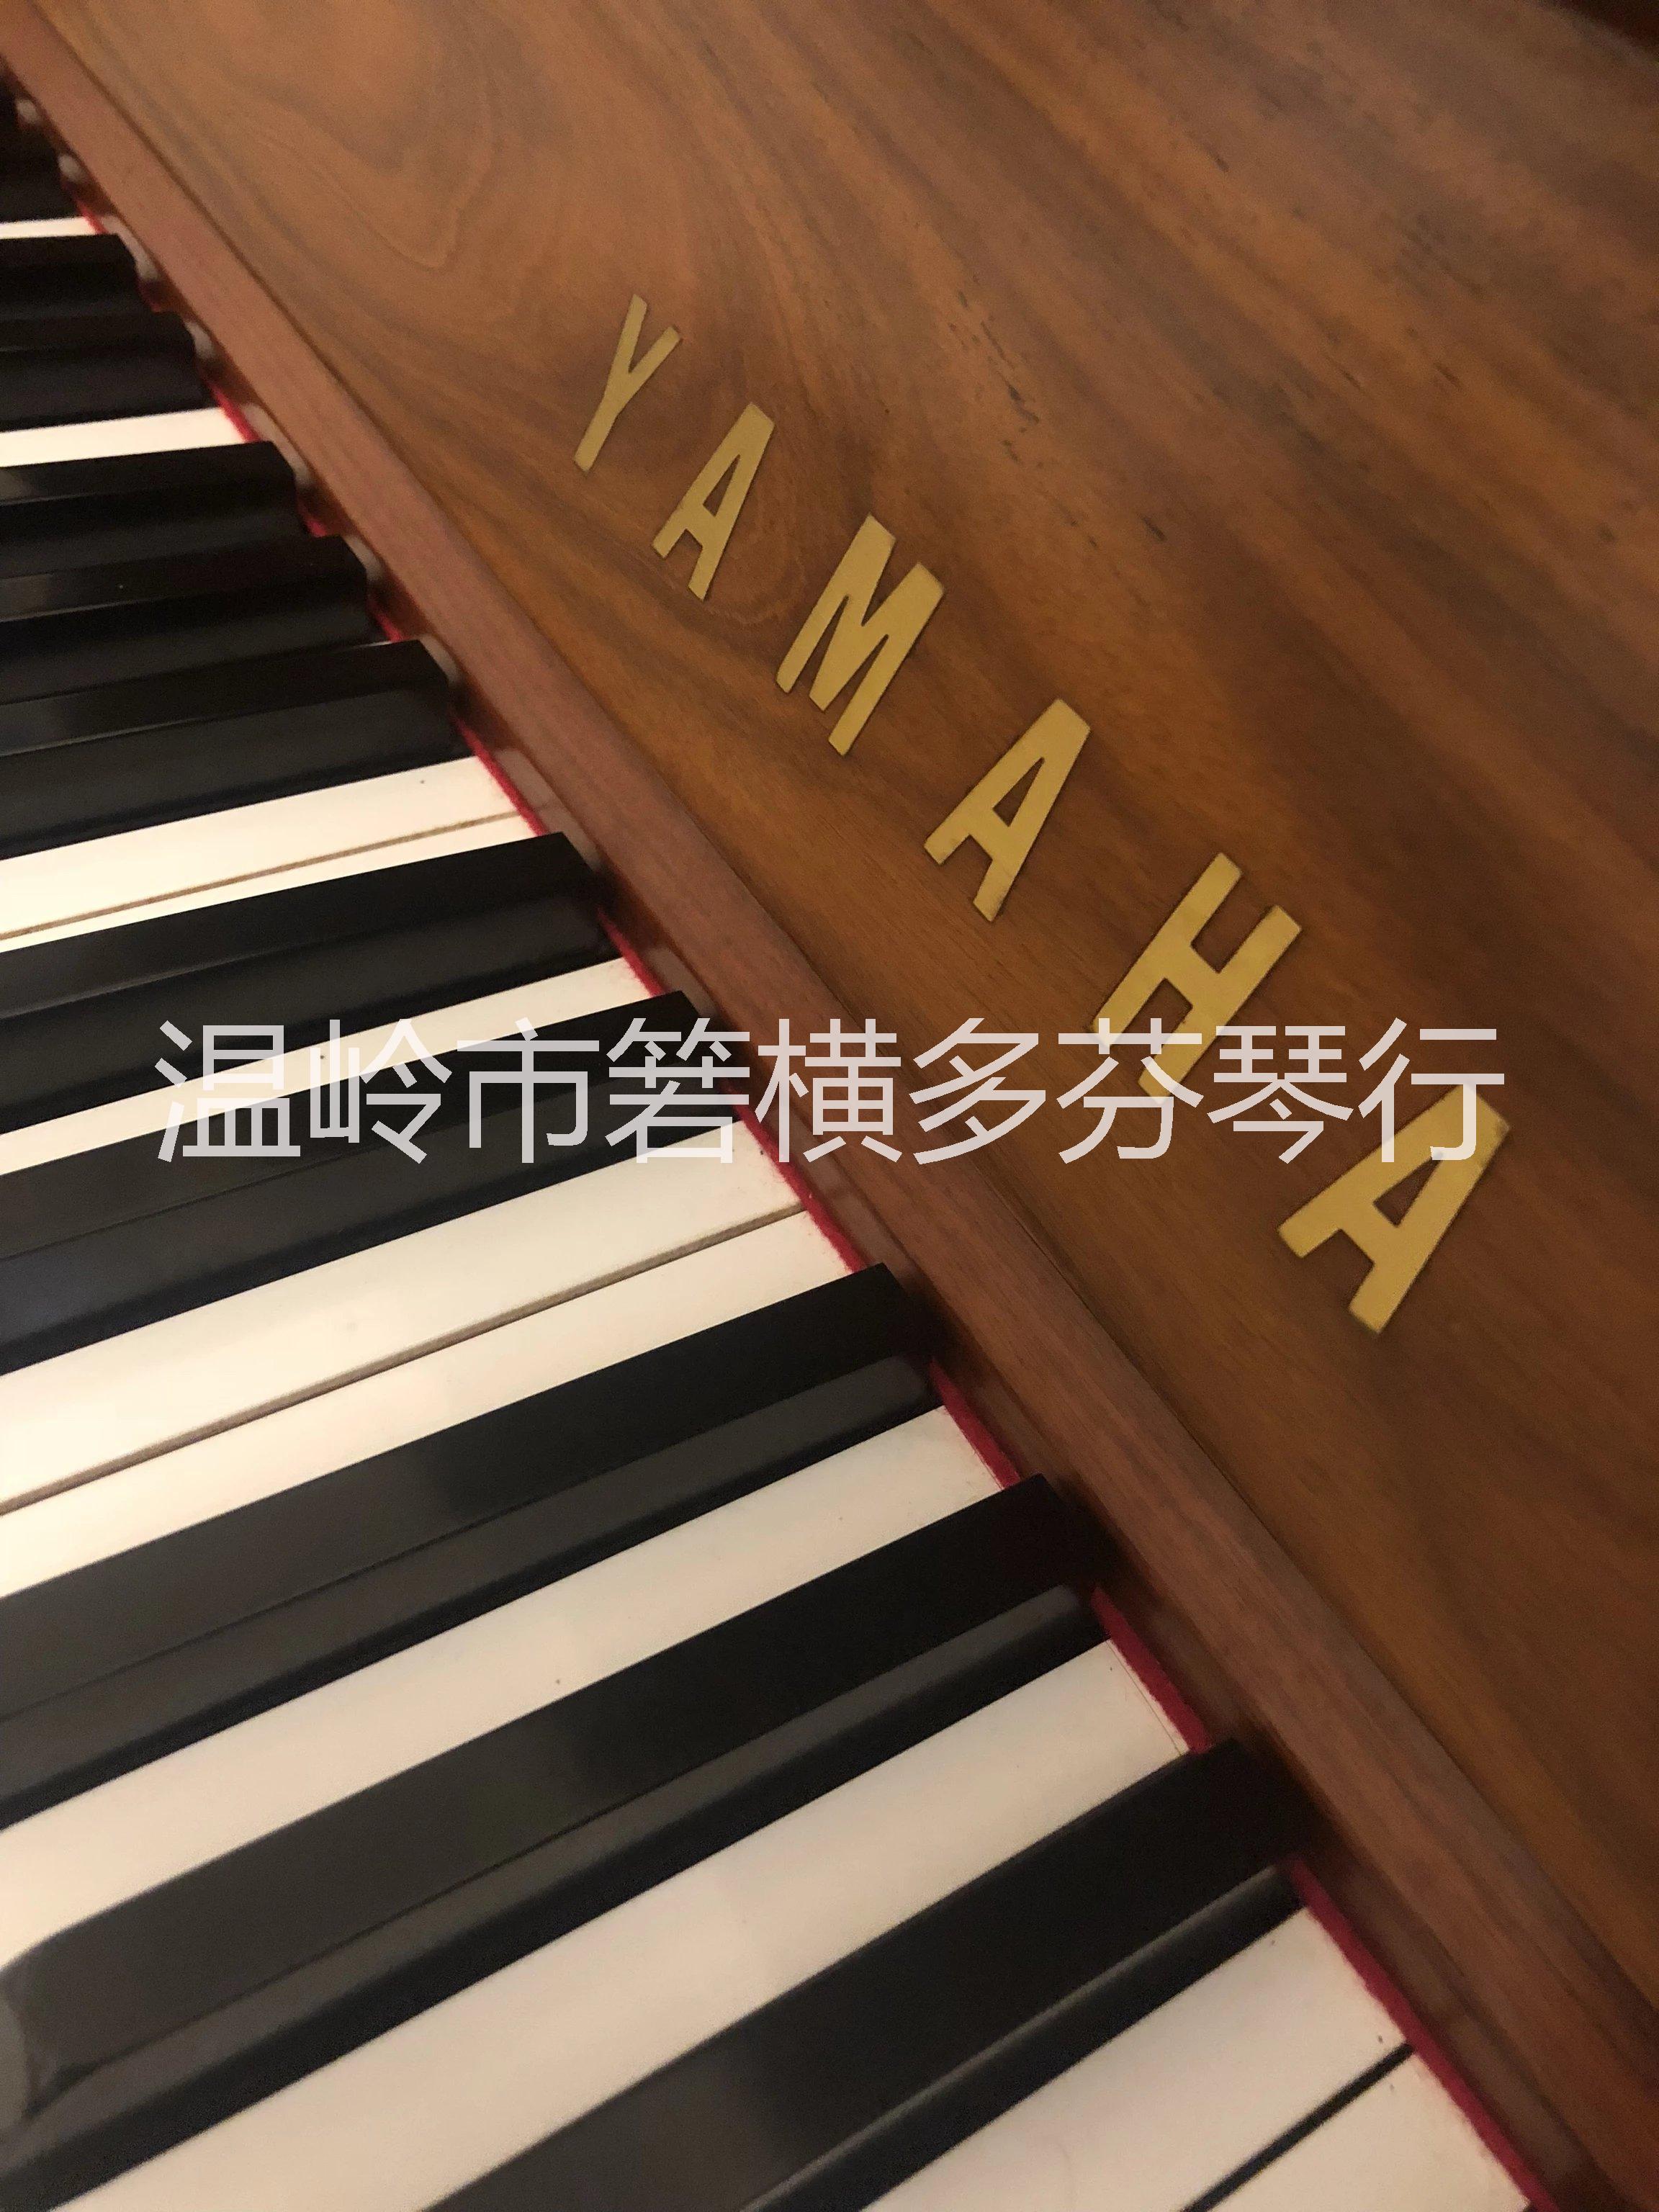 日本雅马哈钢琴型号W 101